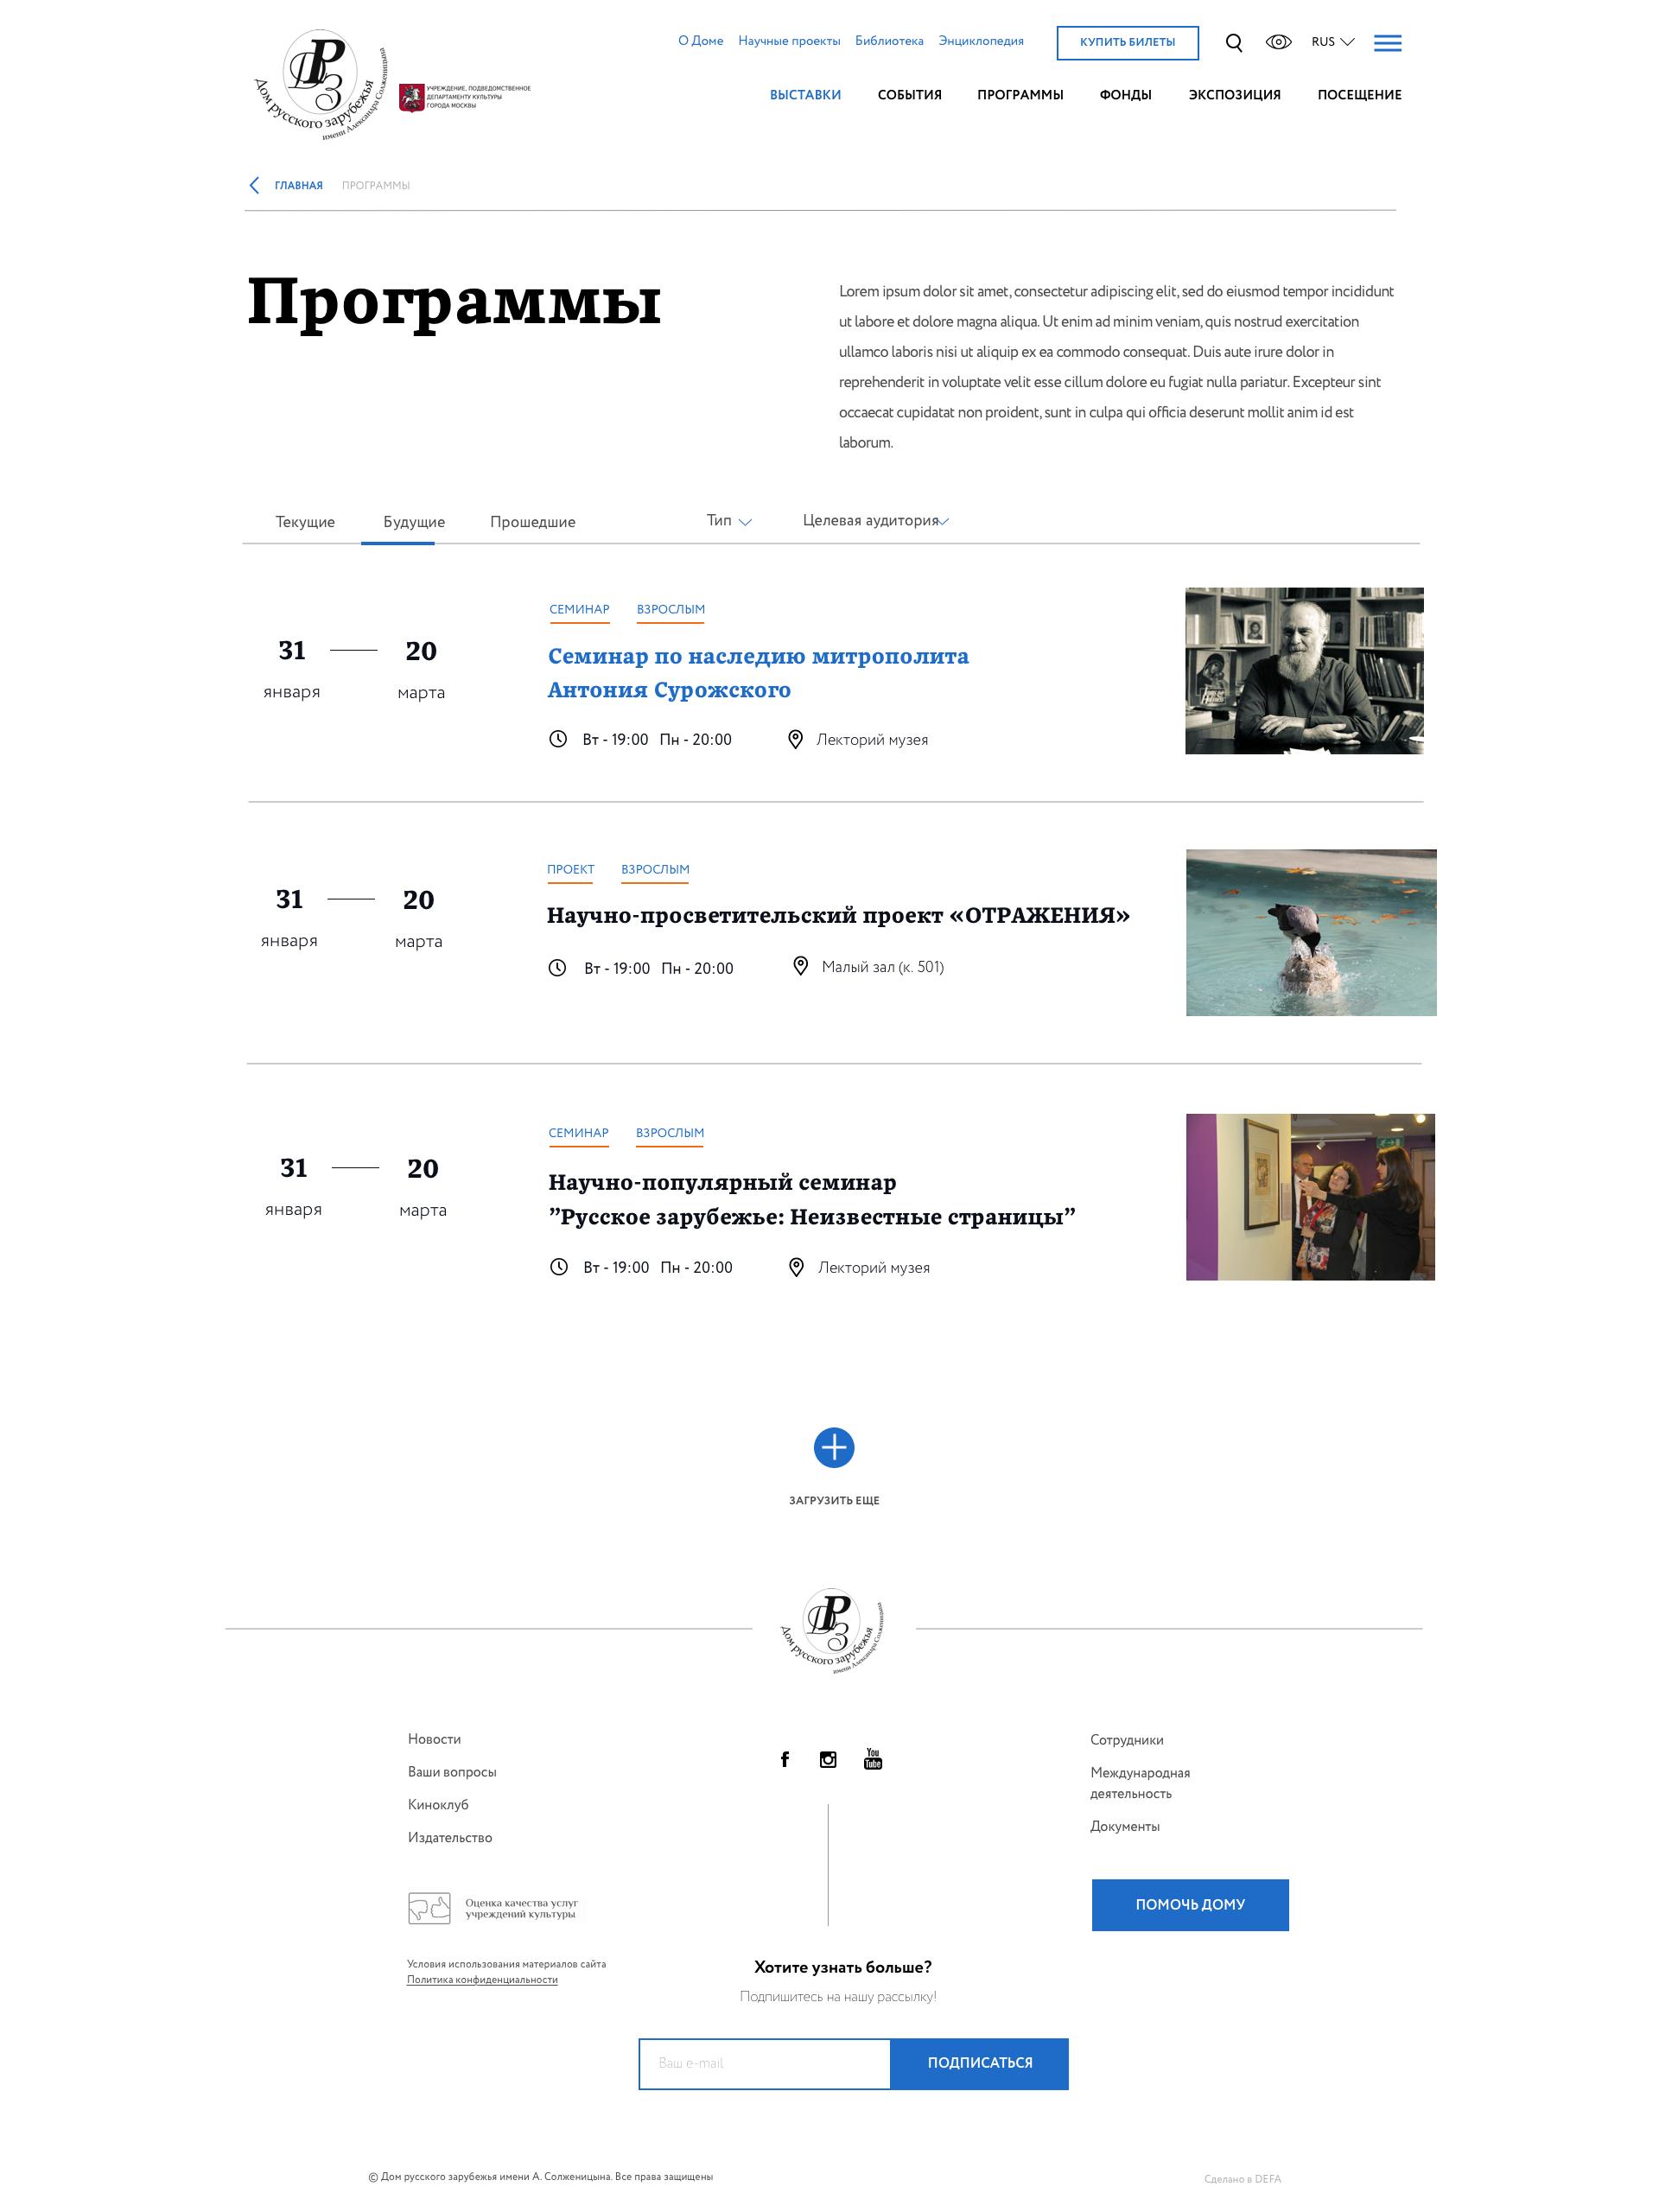 Разработка сайта для Дома русского зарубежья имени Александра Солженицына